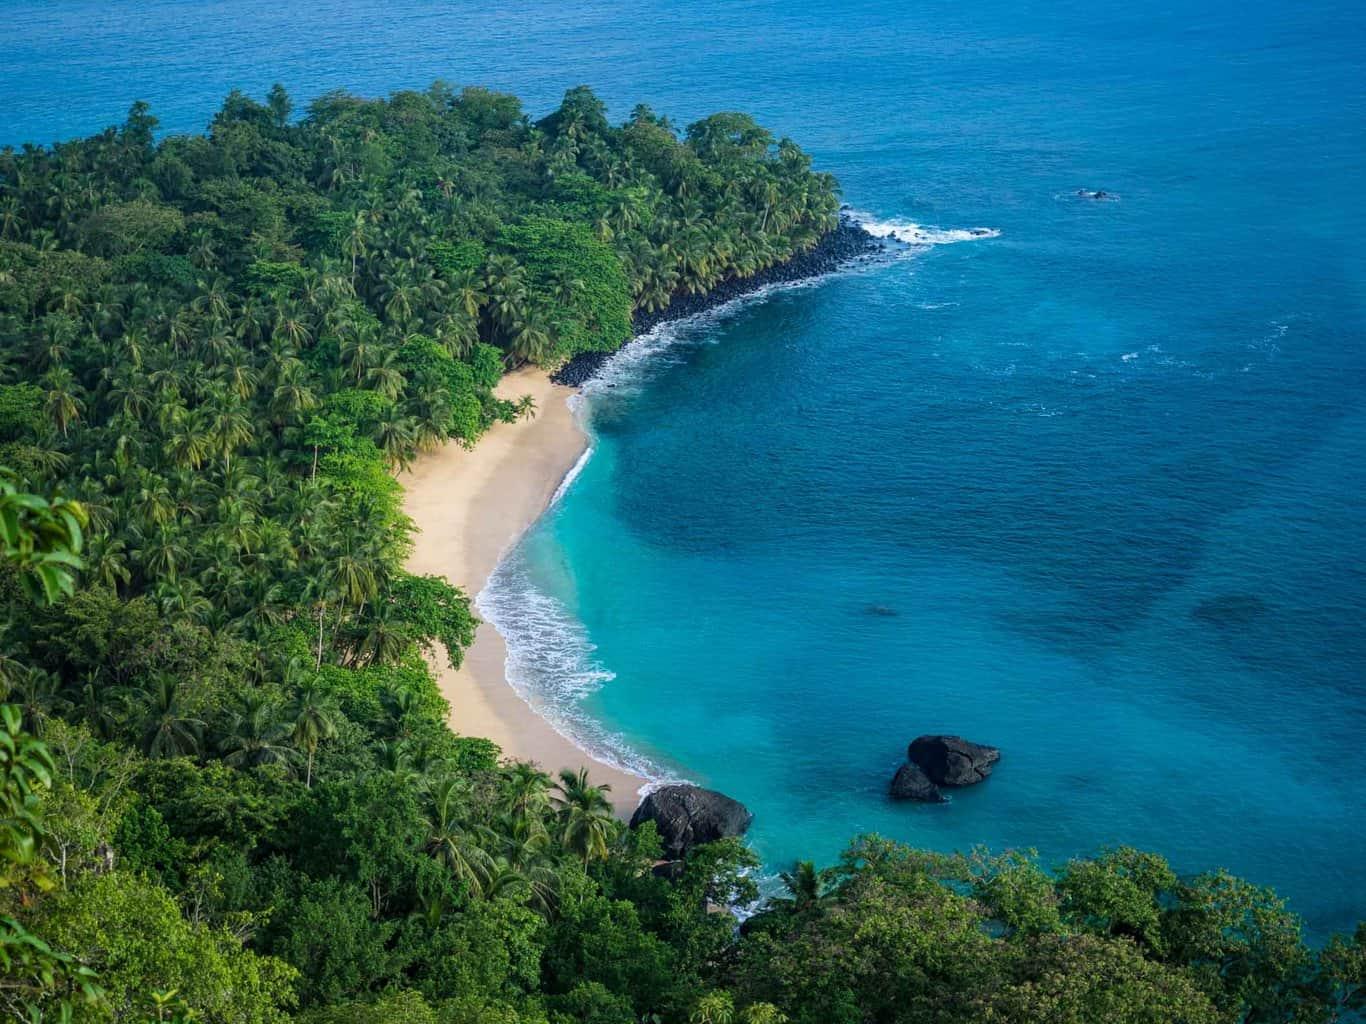 The famous Banana Beach